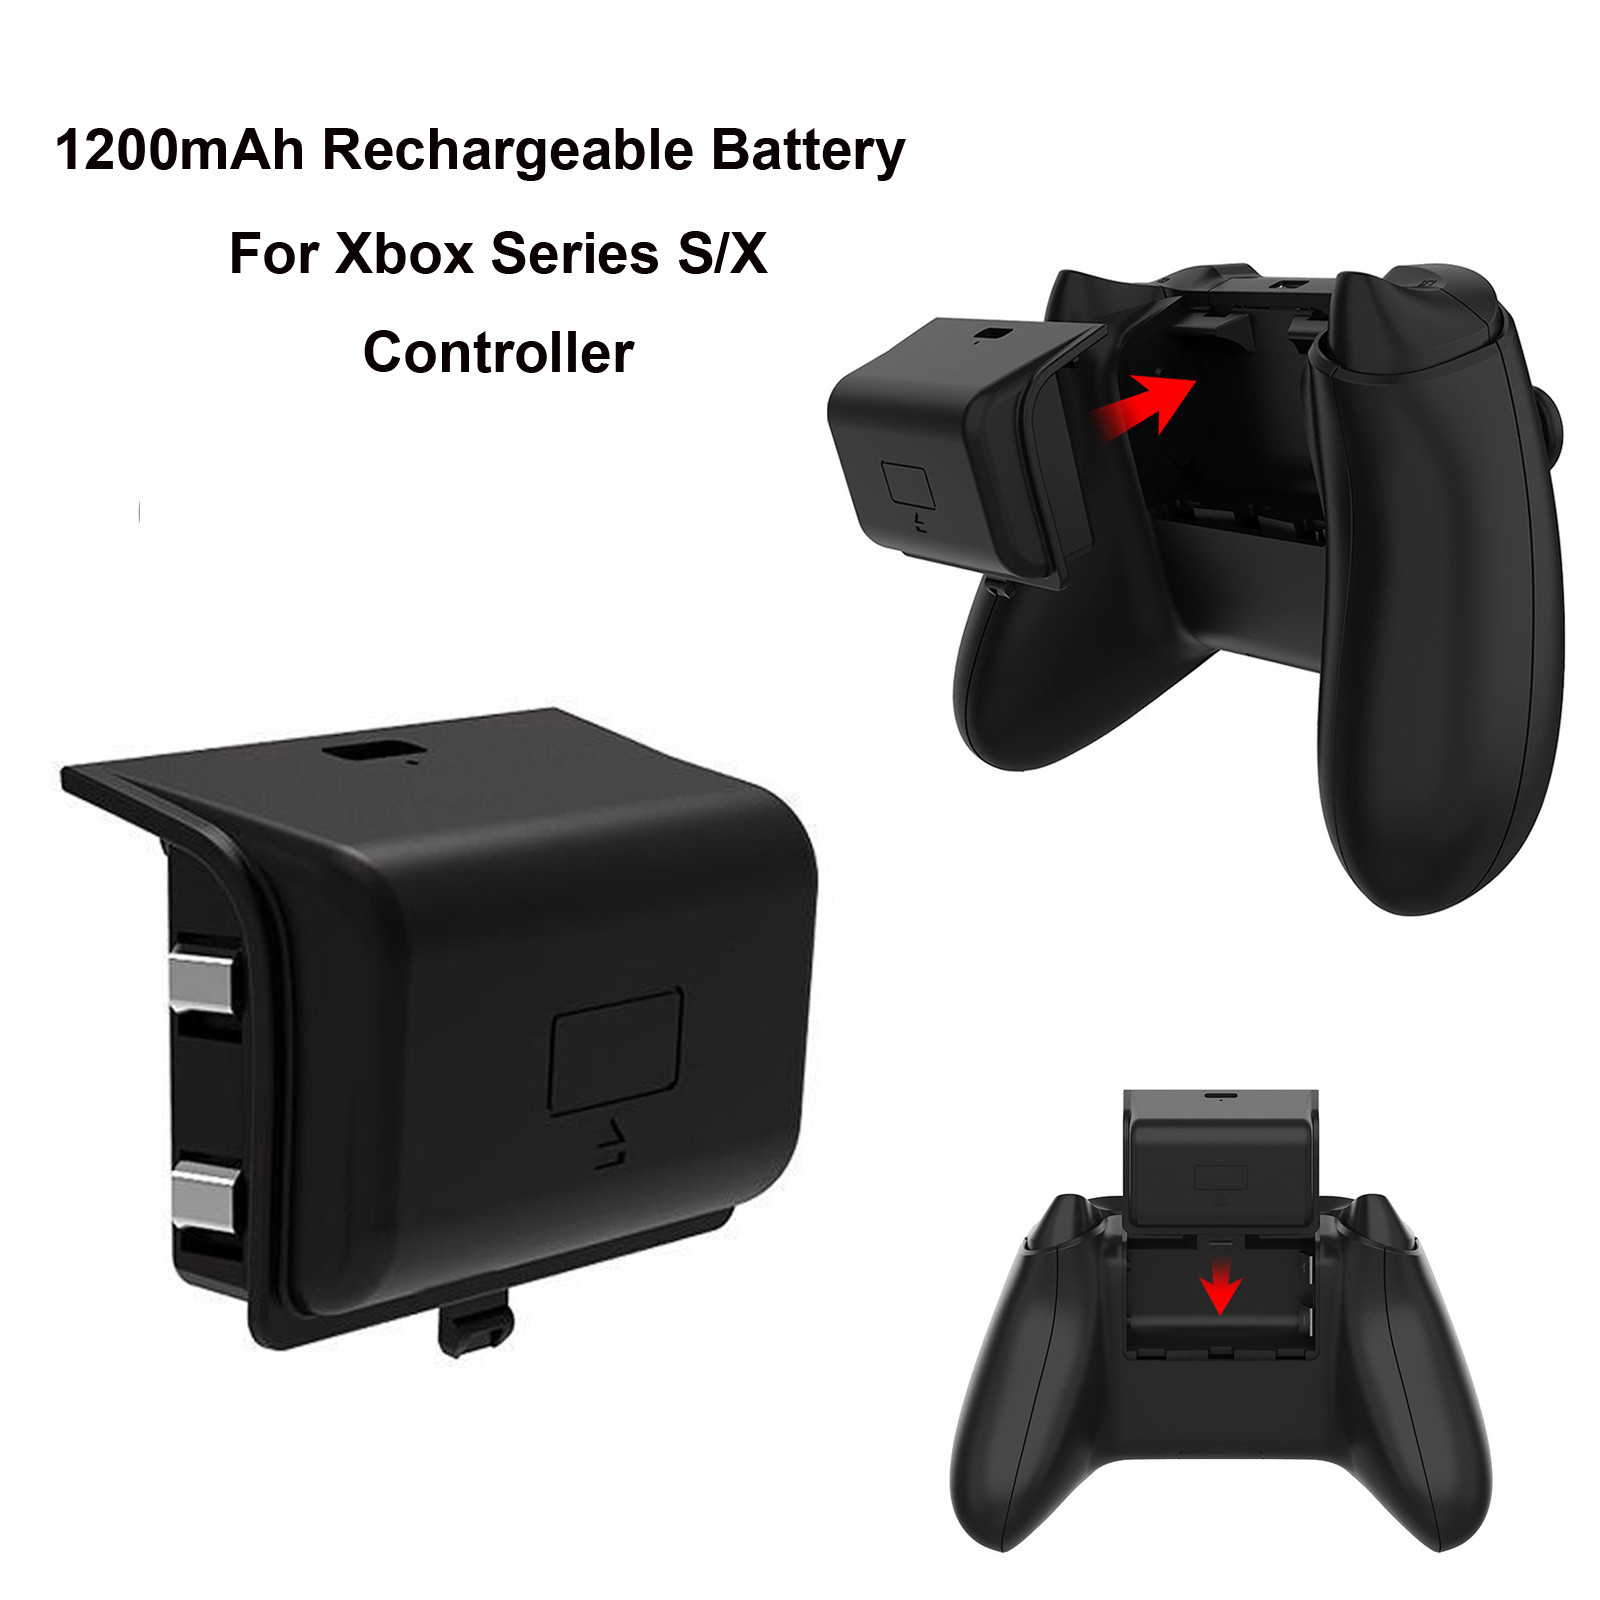 Livraison gratuite batterie pour Xbox série S/x contrôleur, 1200mah batterie Rechargeable Paquete de batería con asa inalámbrica